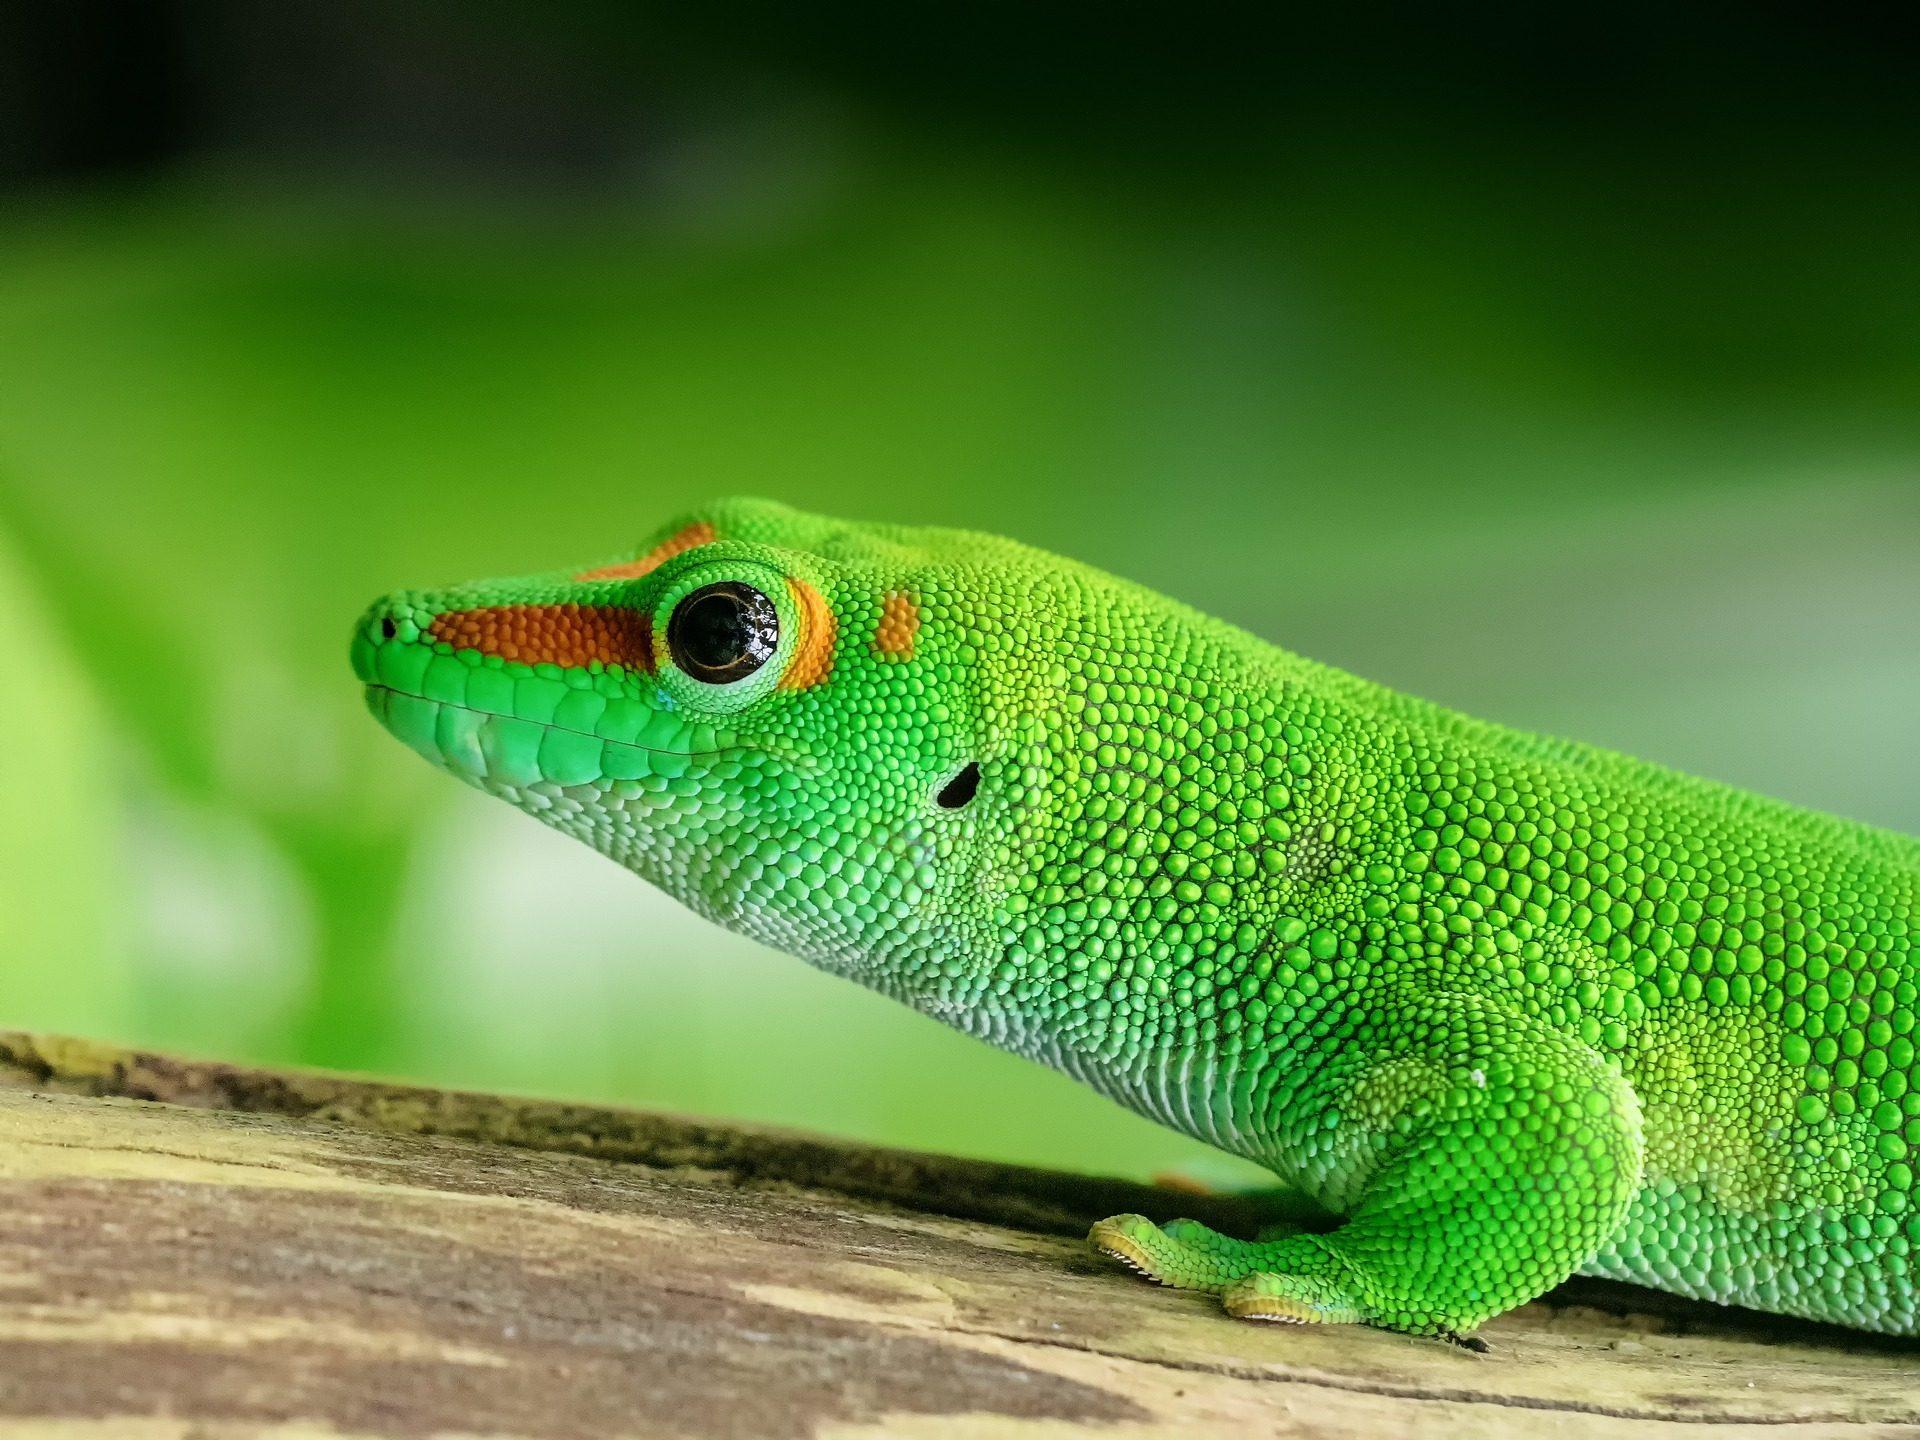 Gecko, lagartija, Eidechse, Reptil, Haut, Madagaskar - Wallpaper HD - Prof.-falken.com